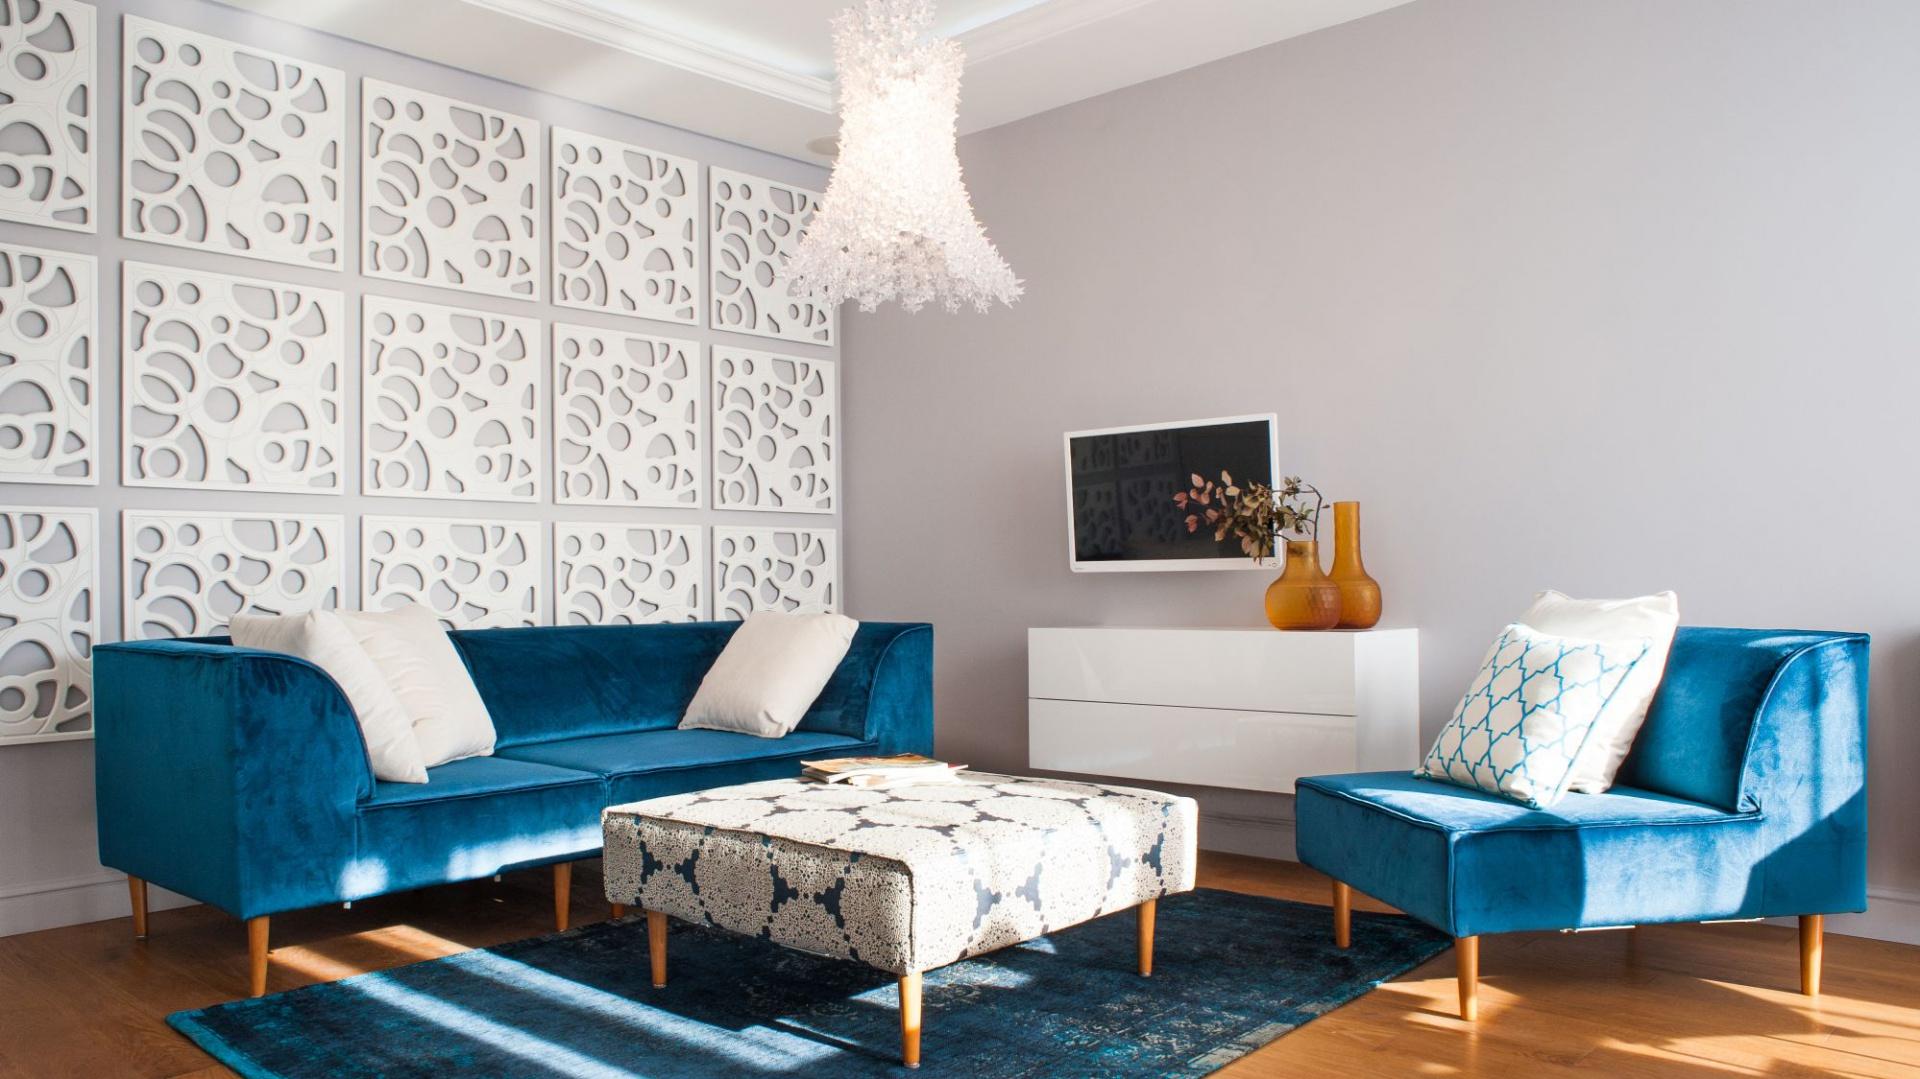 Pokój dzienny skomponowano z bieli oraz różnych odcieni niebieskiego. Turkusowe meble wypoczynkowe doskonale się prezentują na tle wyłożonej ażurowymi panelami ściany. Projekt Arkadiusz Grzędzicki. Fot. Adam Ościłowski, panadam.pl